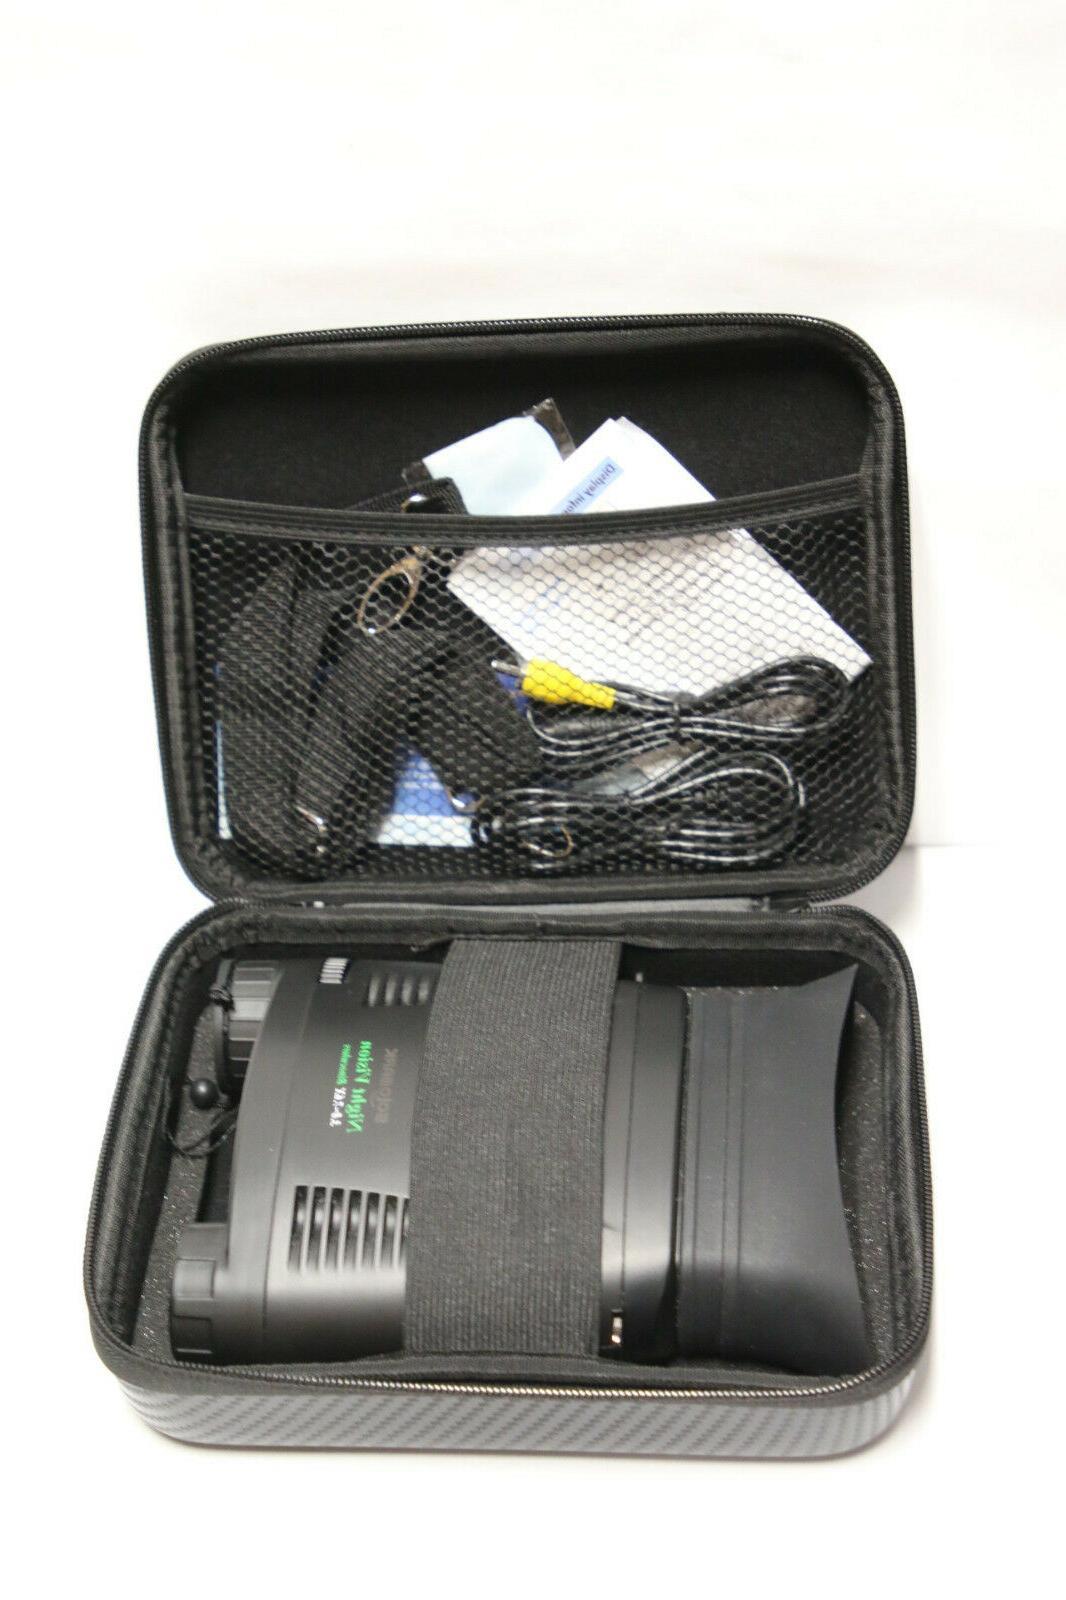 Solomark 3.8-7.6x Binoculars #989